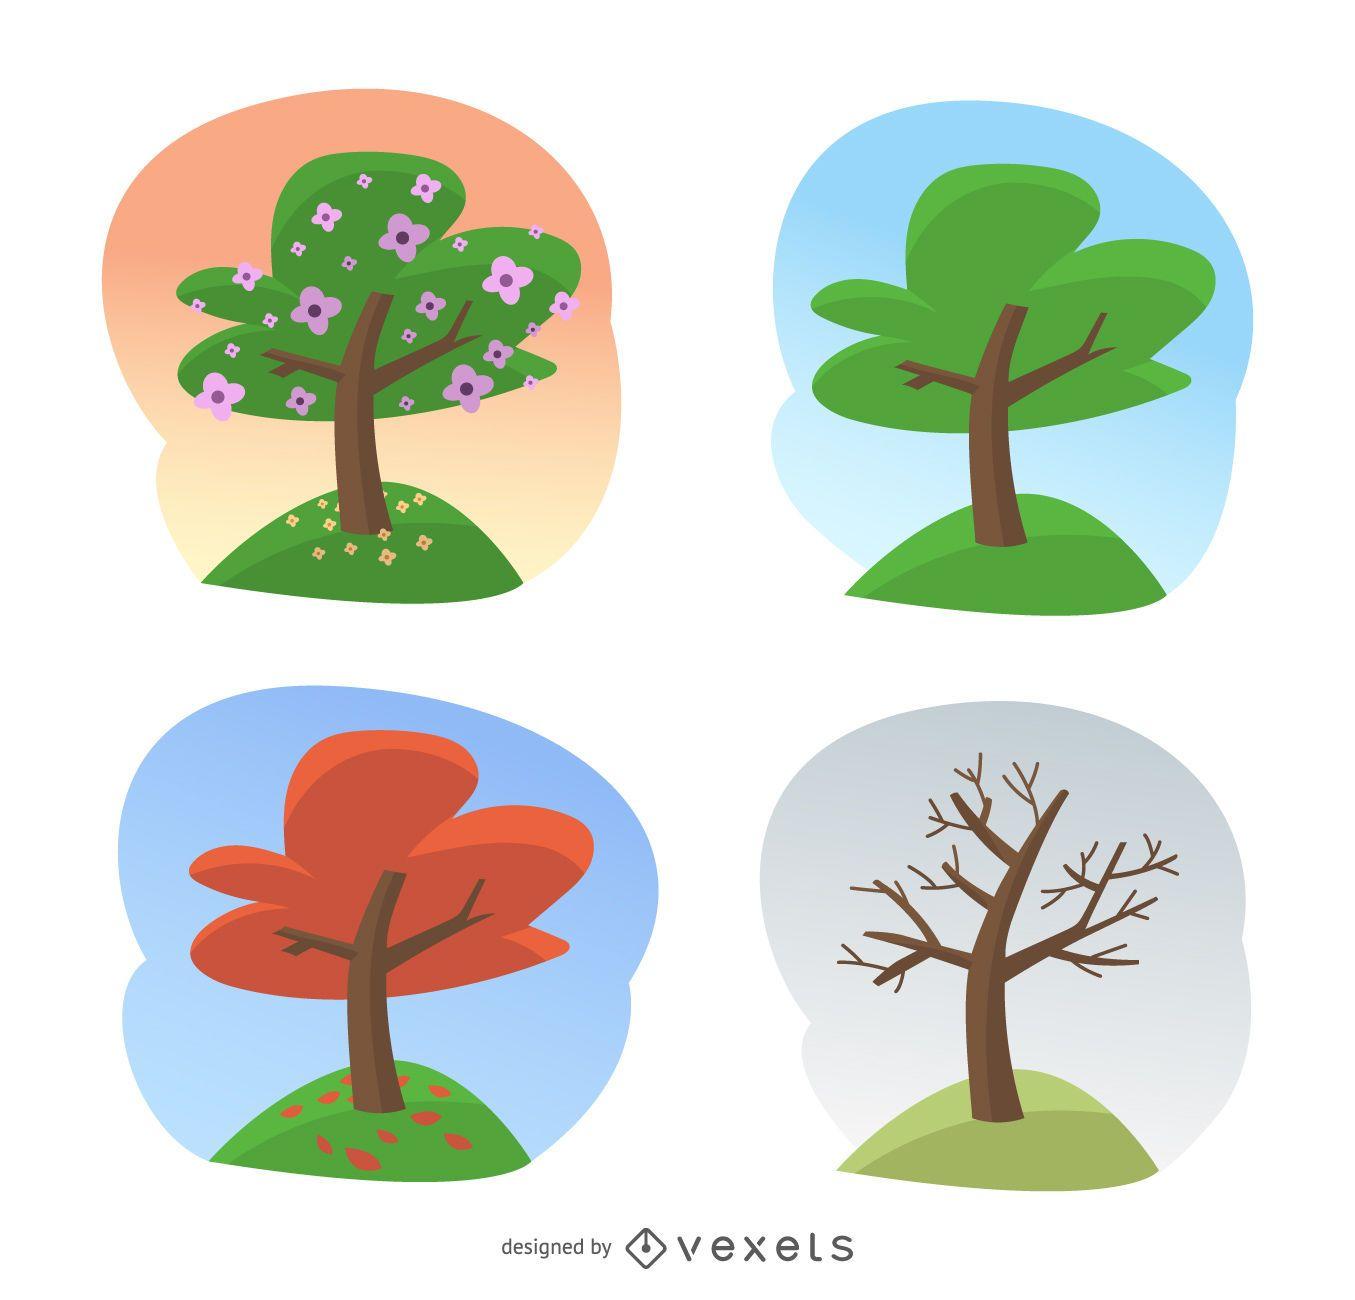 Season tree illustrations